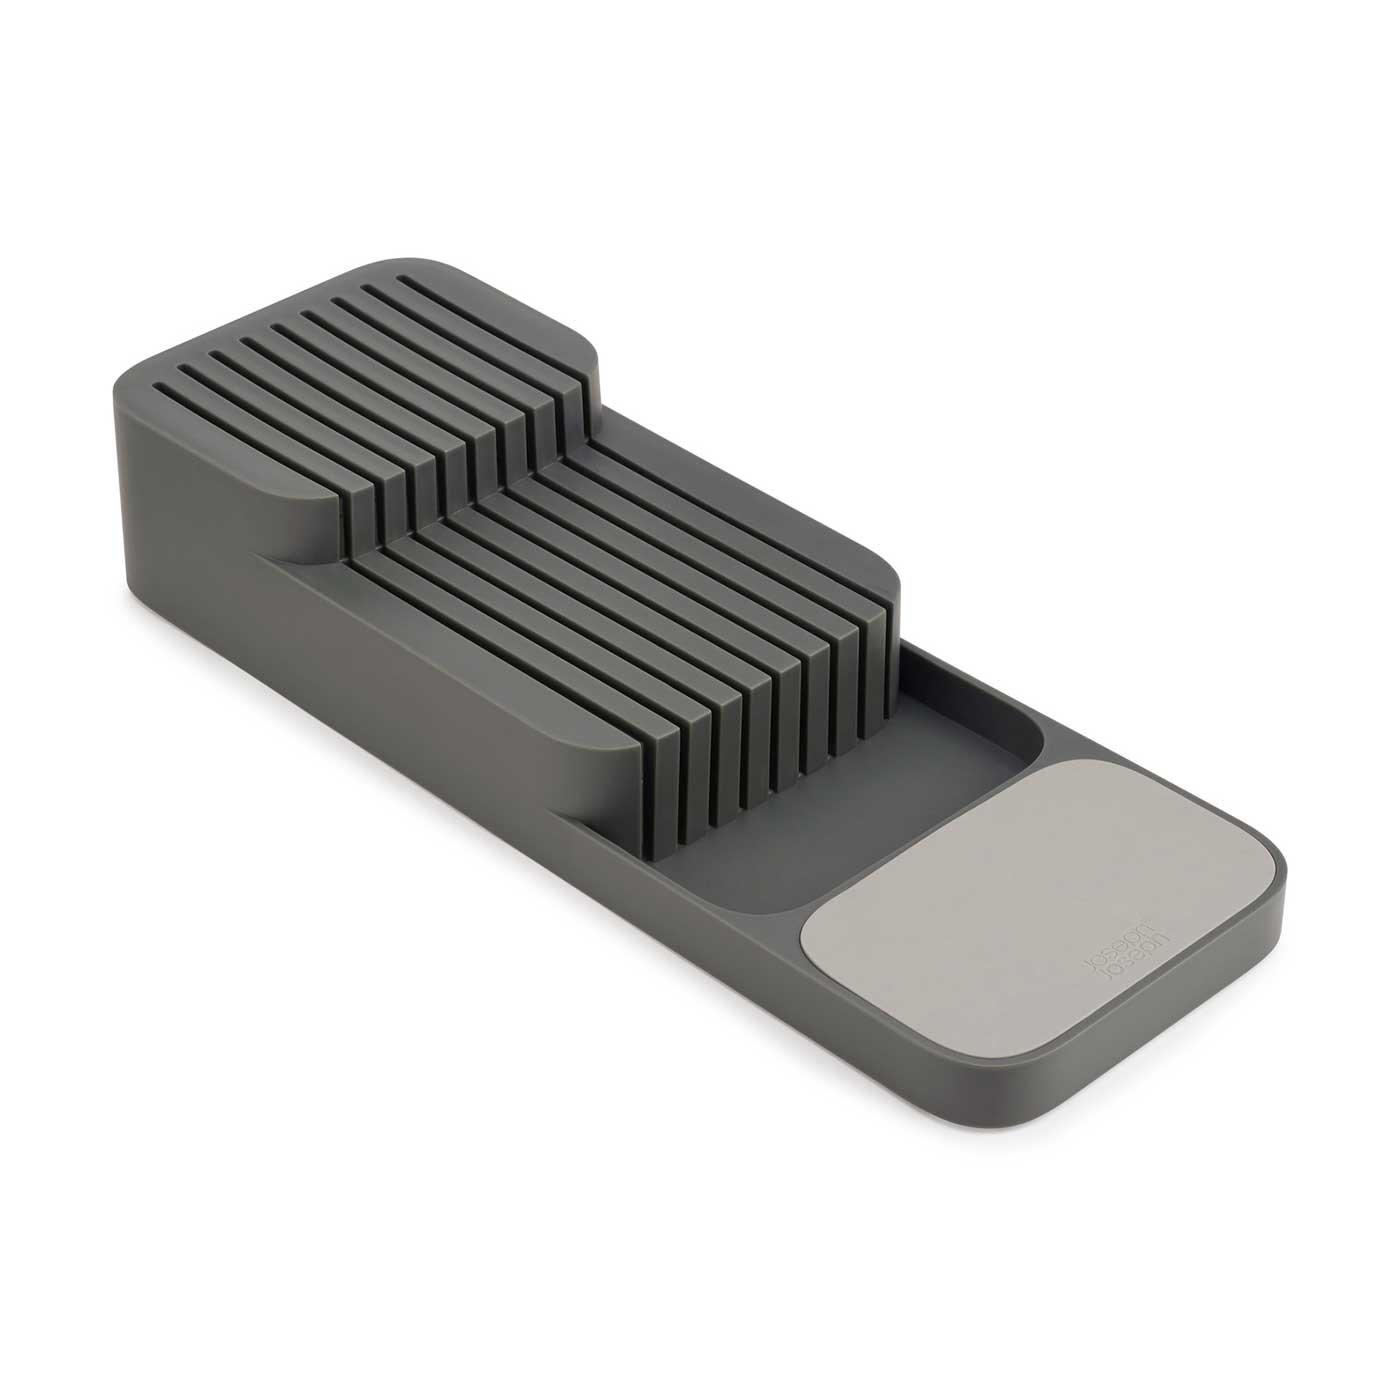 効率収納で整理整とん  引き出し用ナイフオーガナイザー